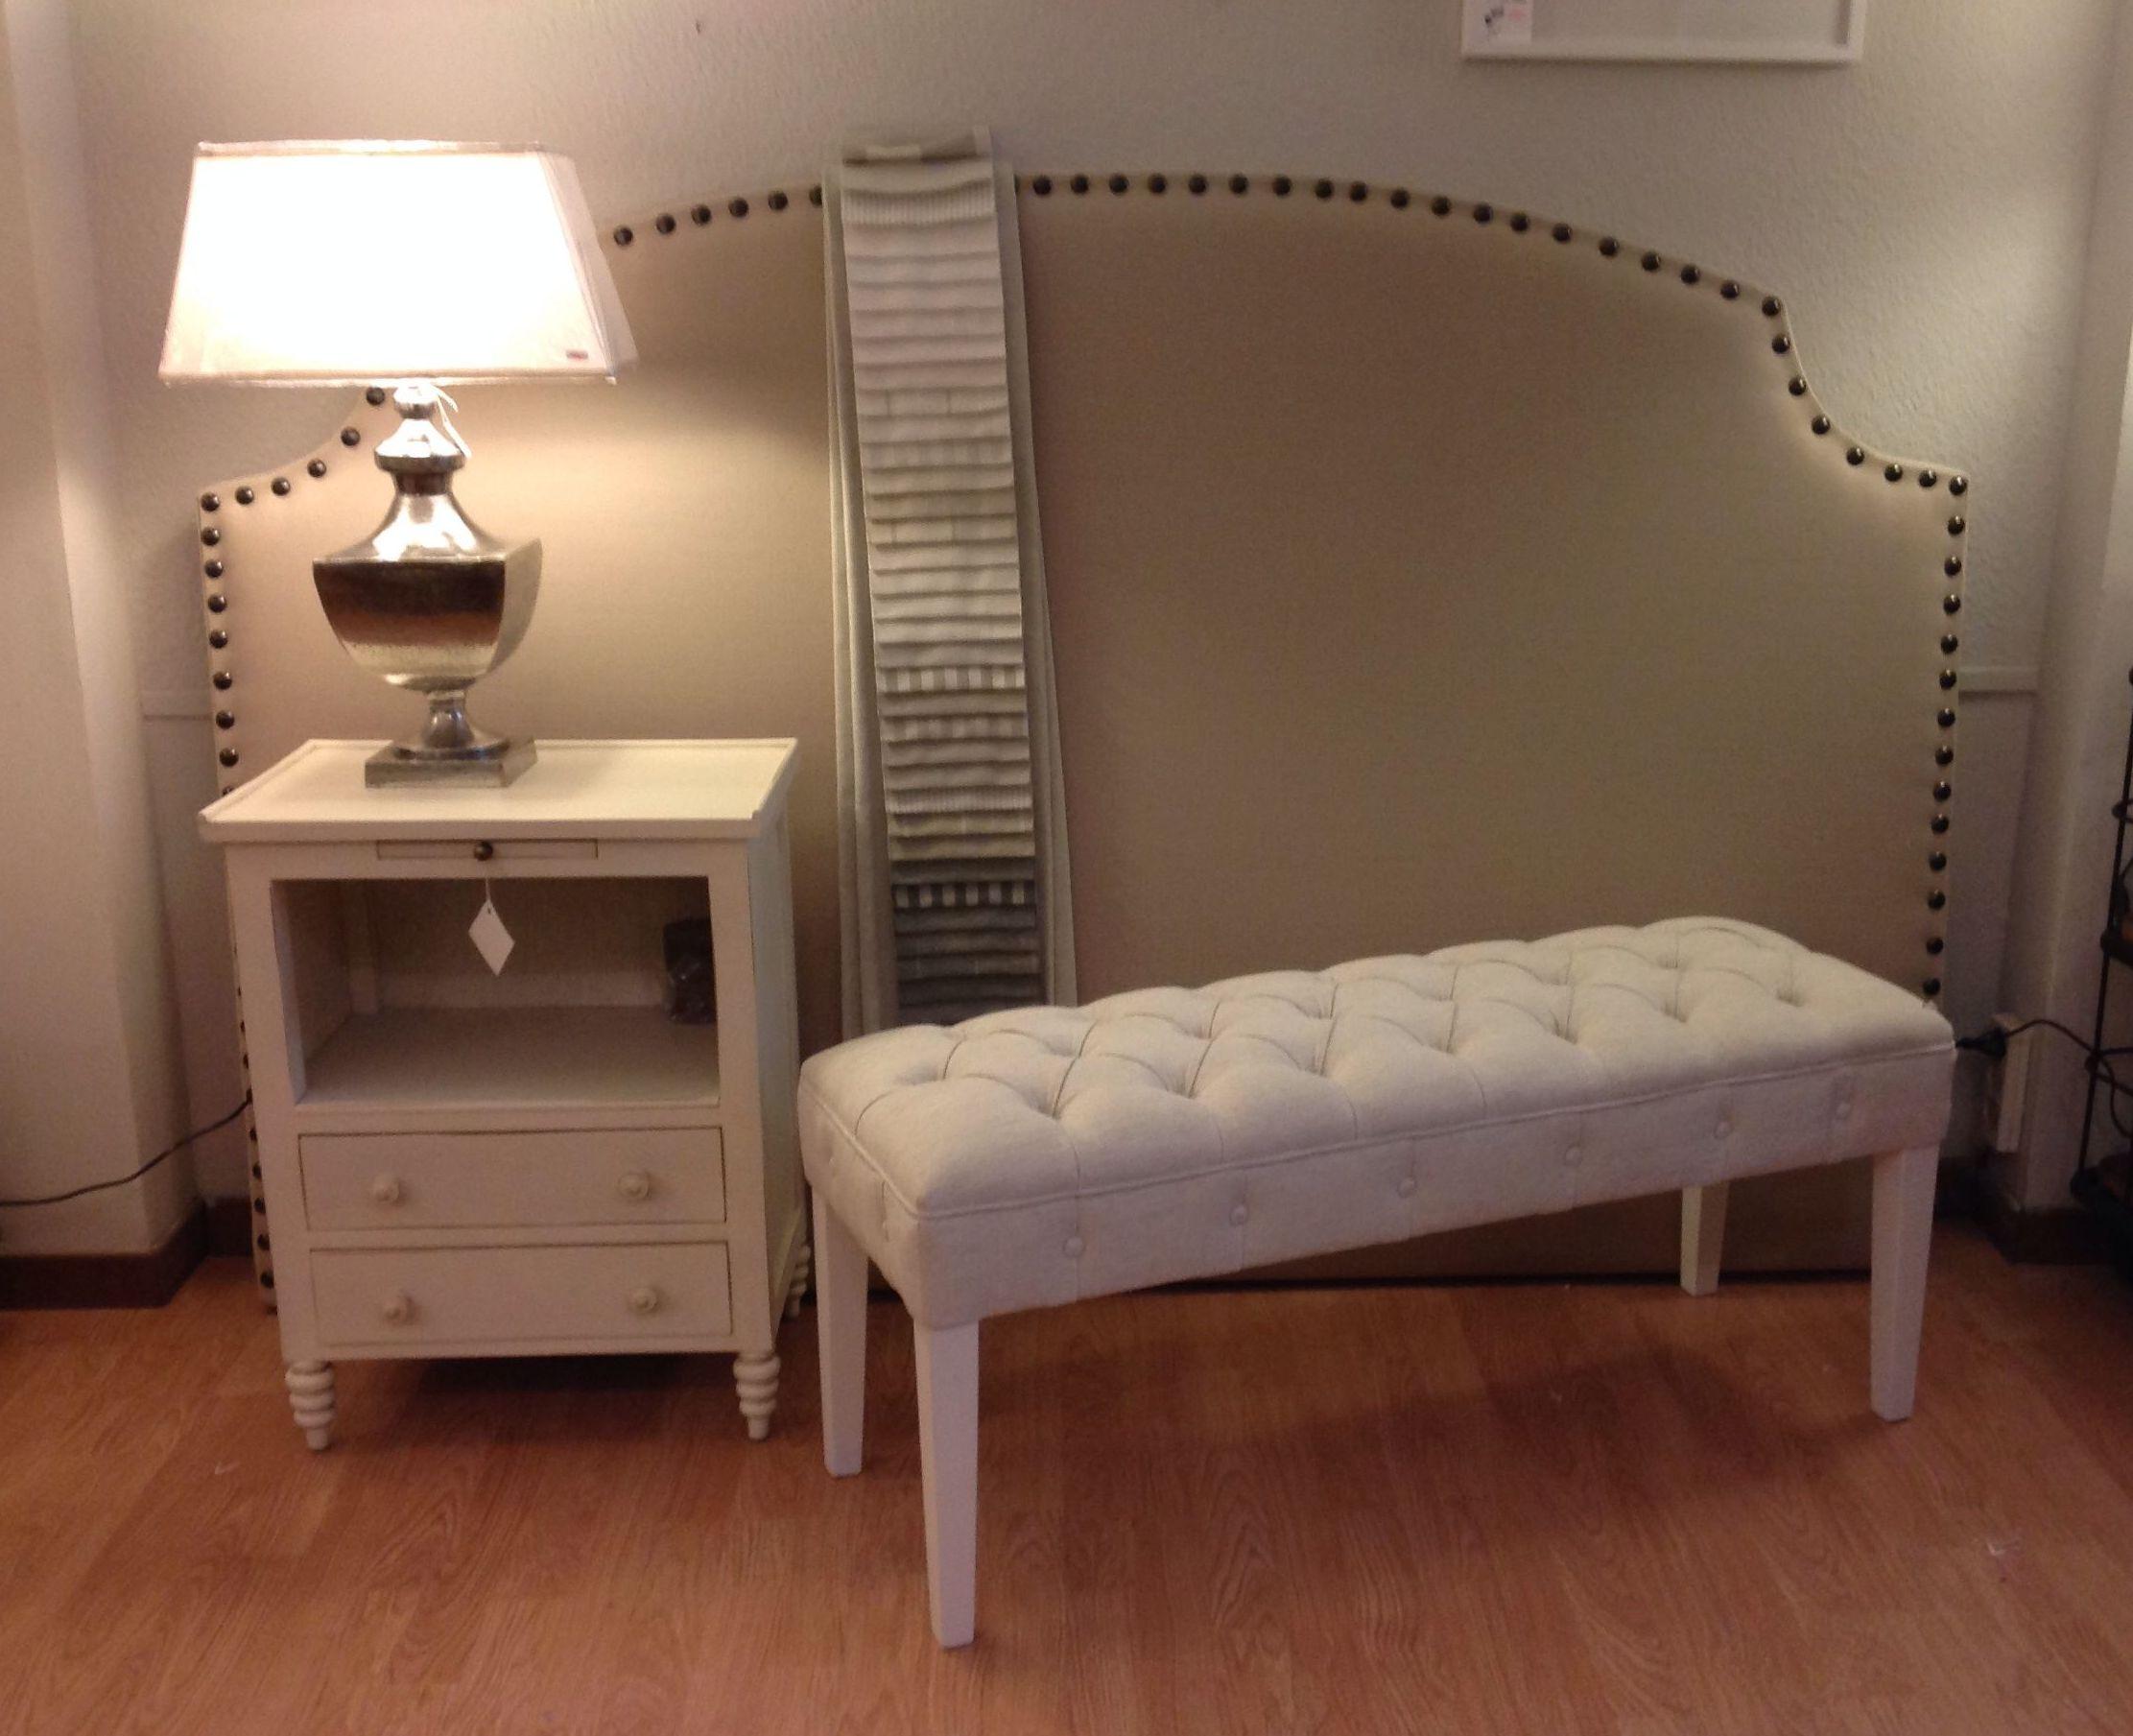 Tapizar un cabecero excellent ares cabecero tapizado - Tapizar un cabecero de cama ...